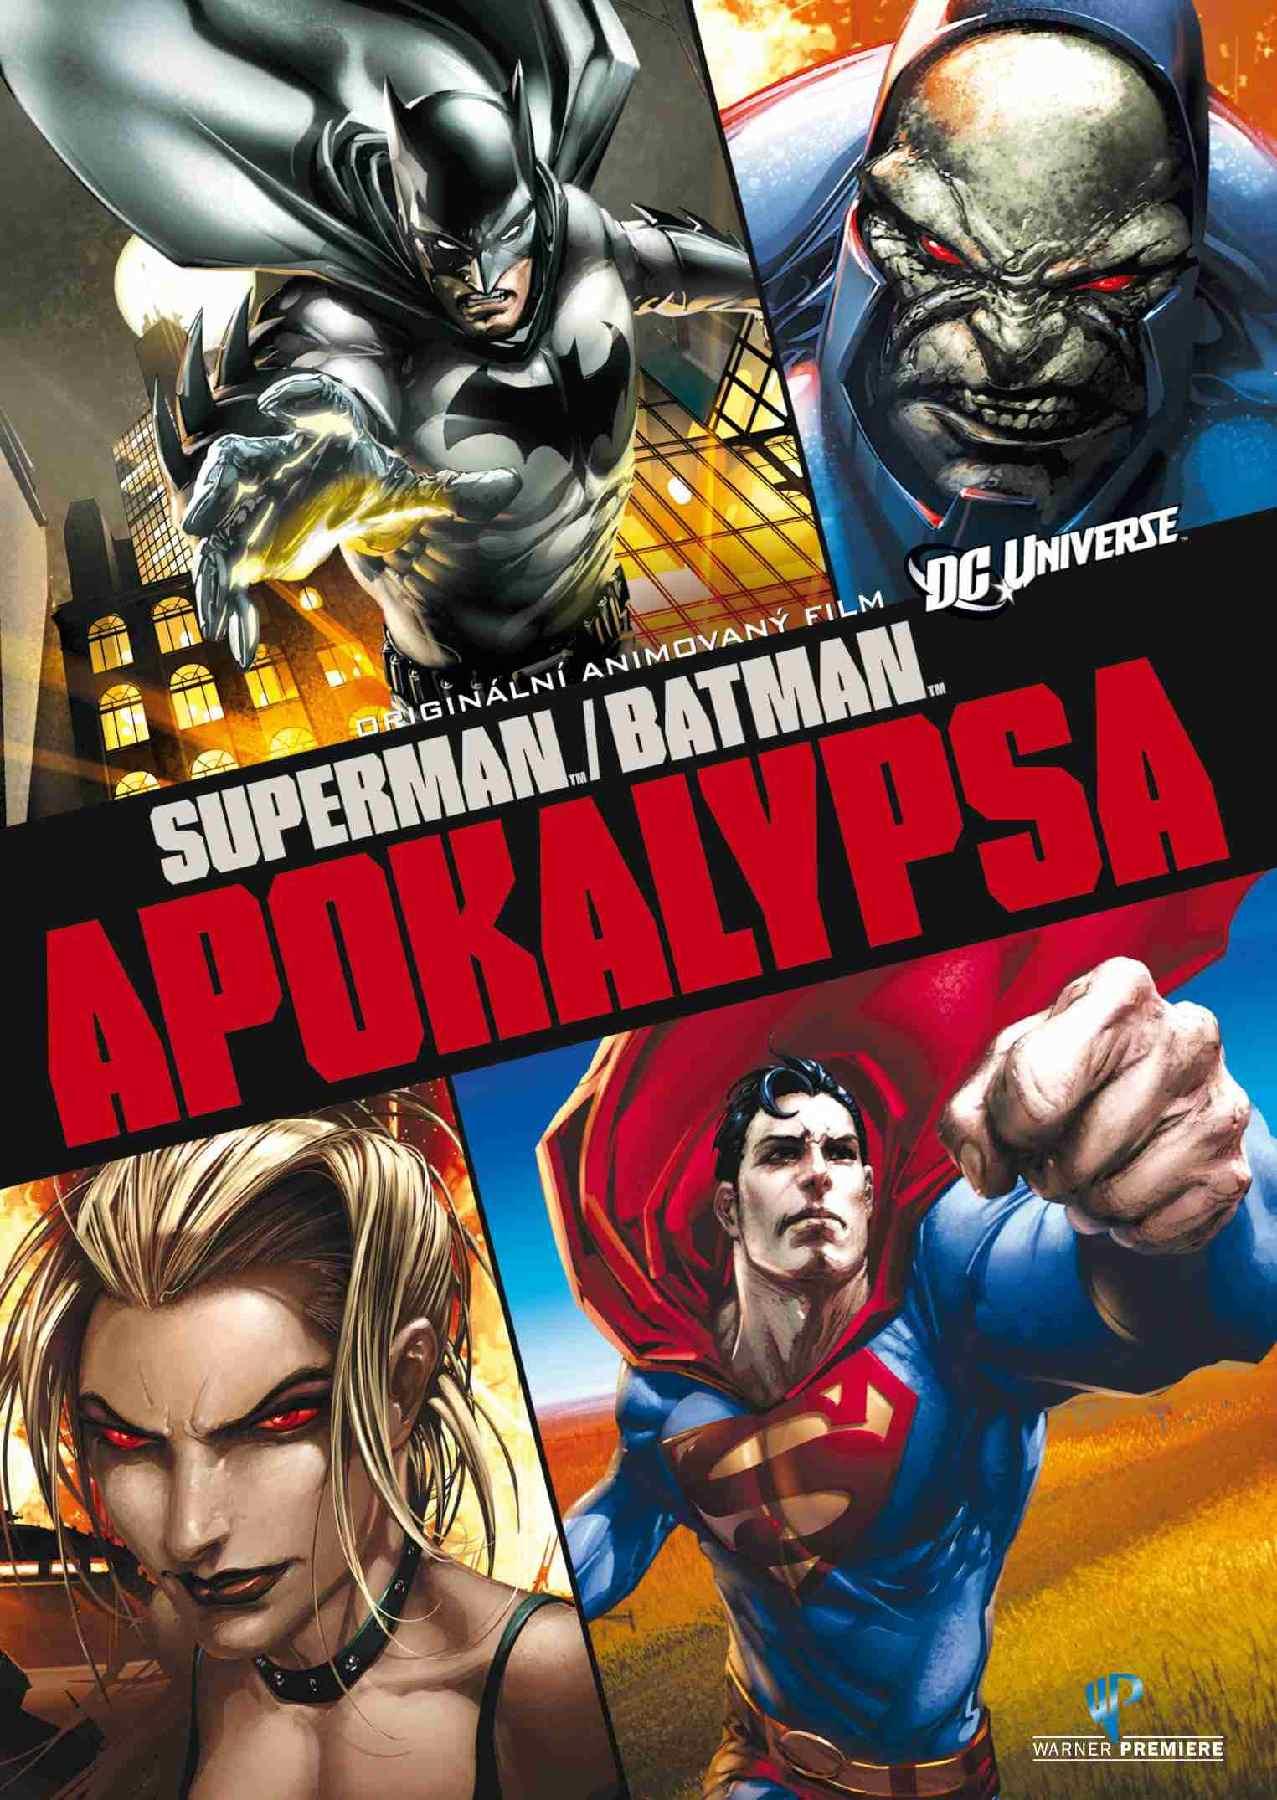 Superman / Batman - Apokalypsa - DVD